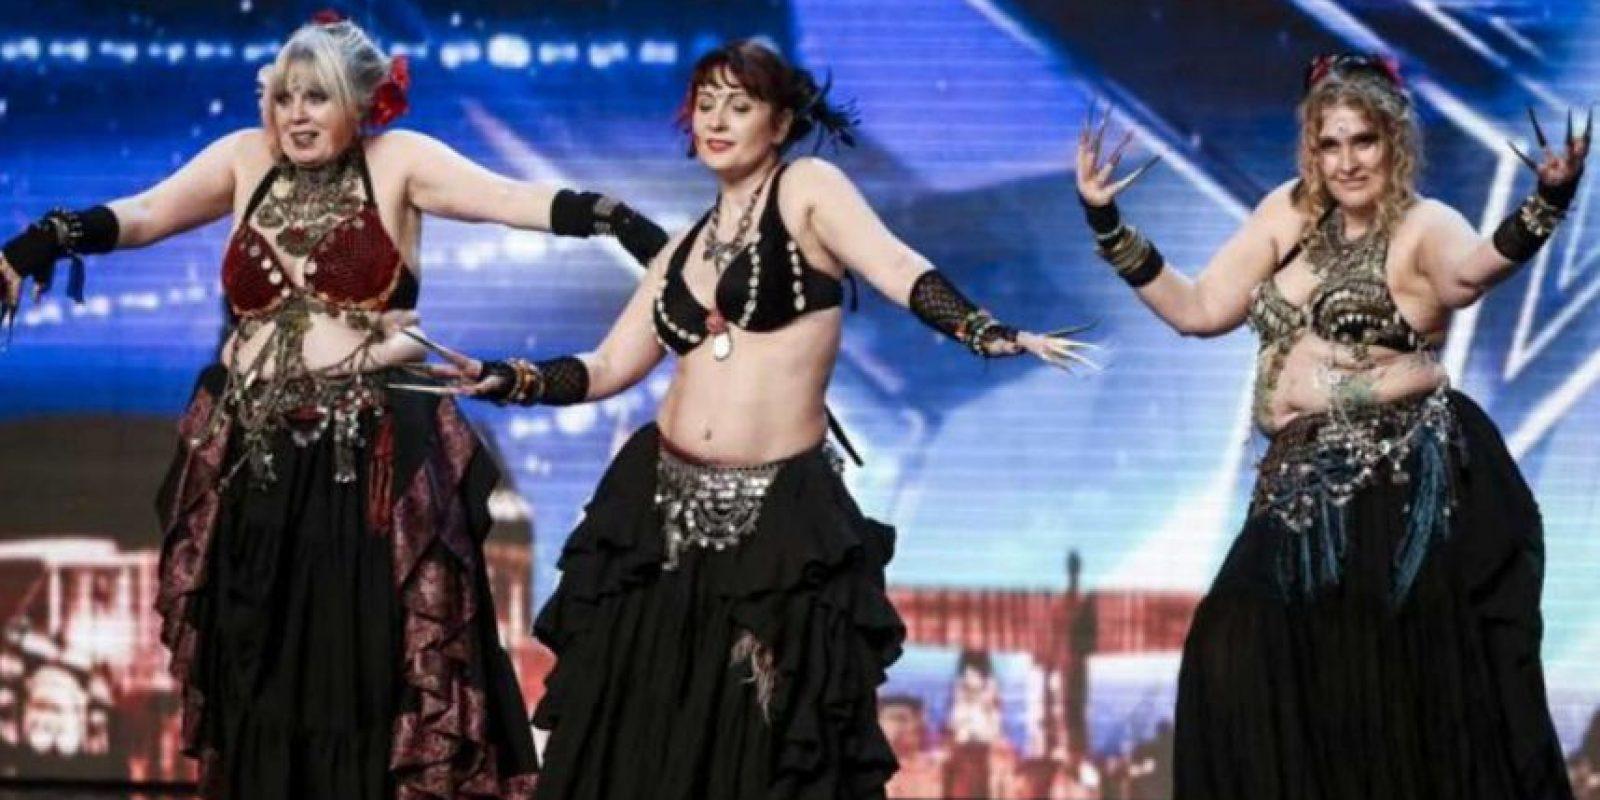 Se trata de encontrar talento inédito. Foto:Britain's Got Talent